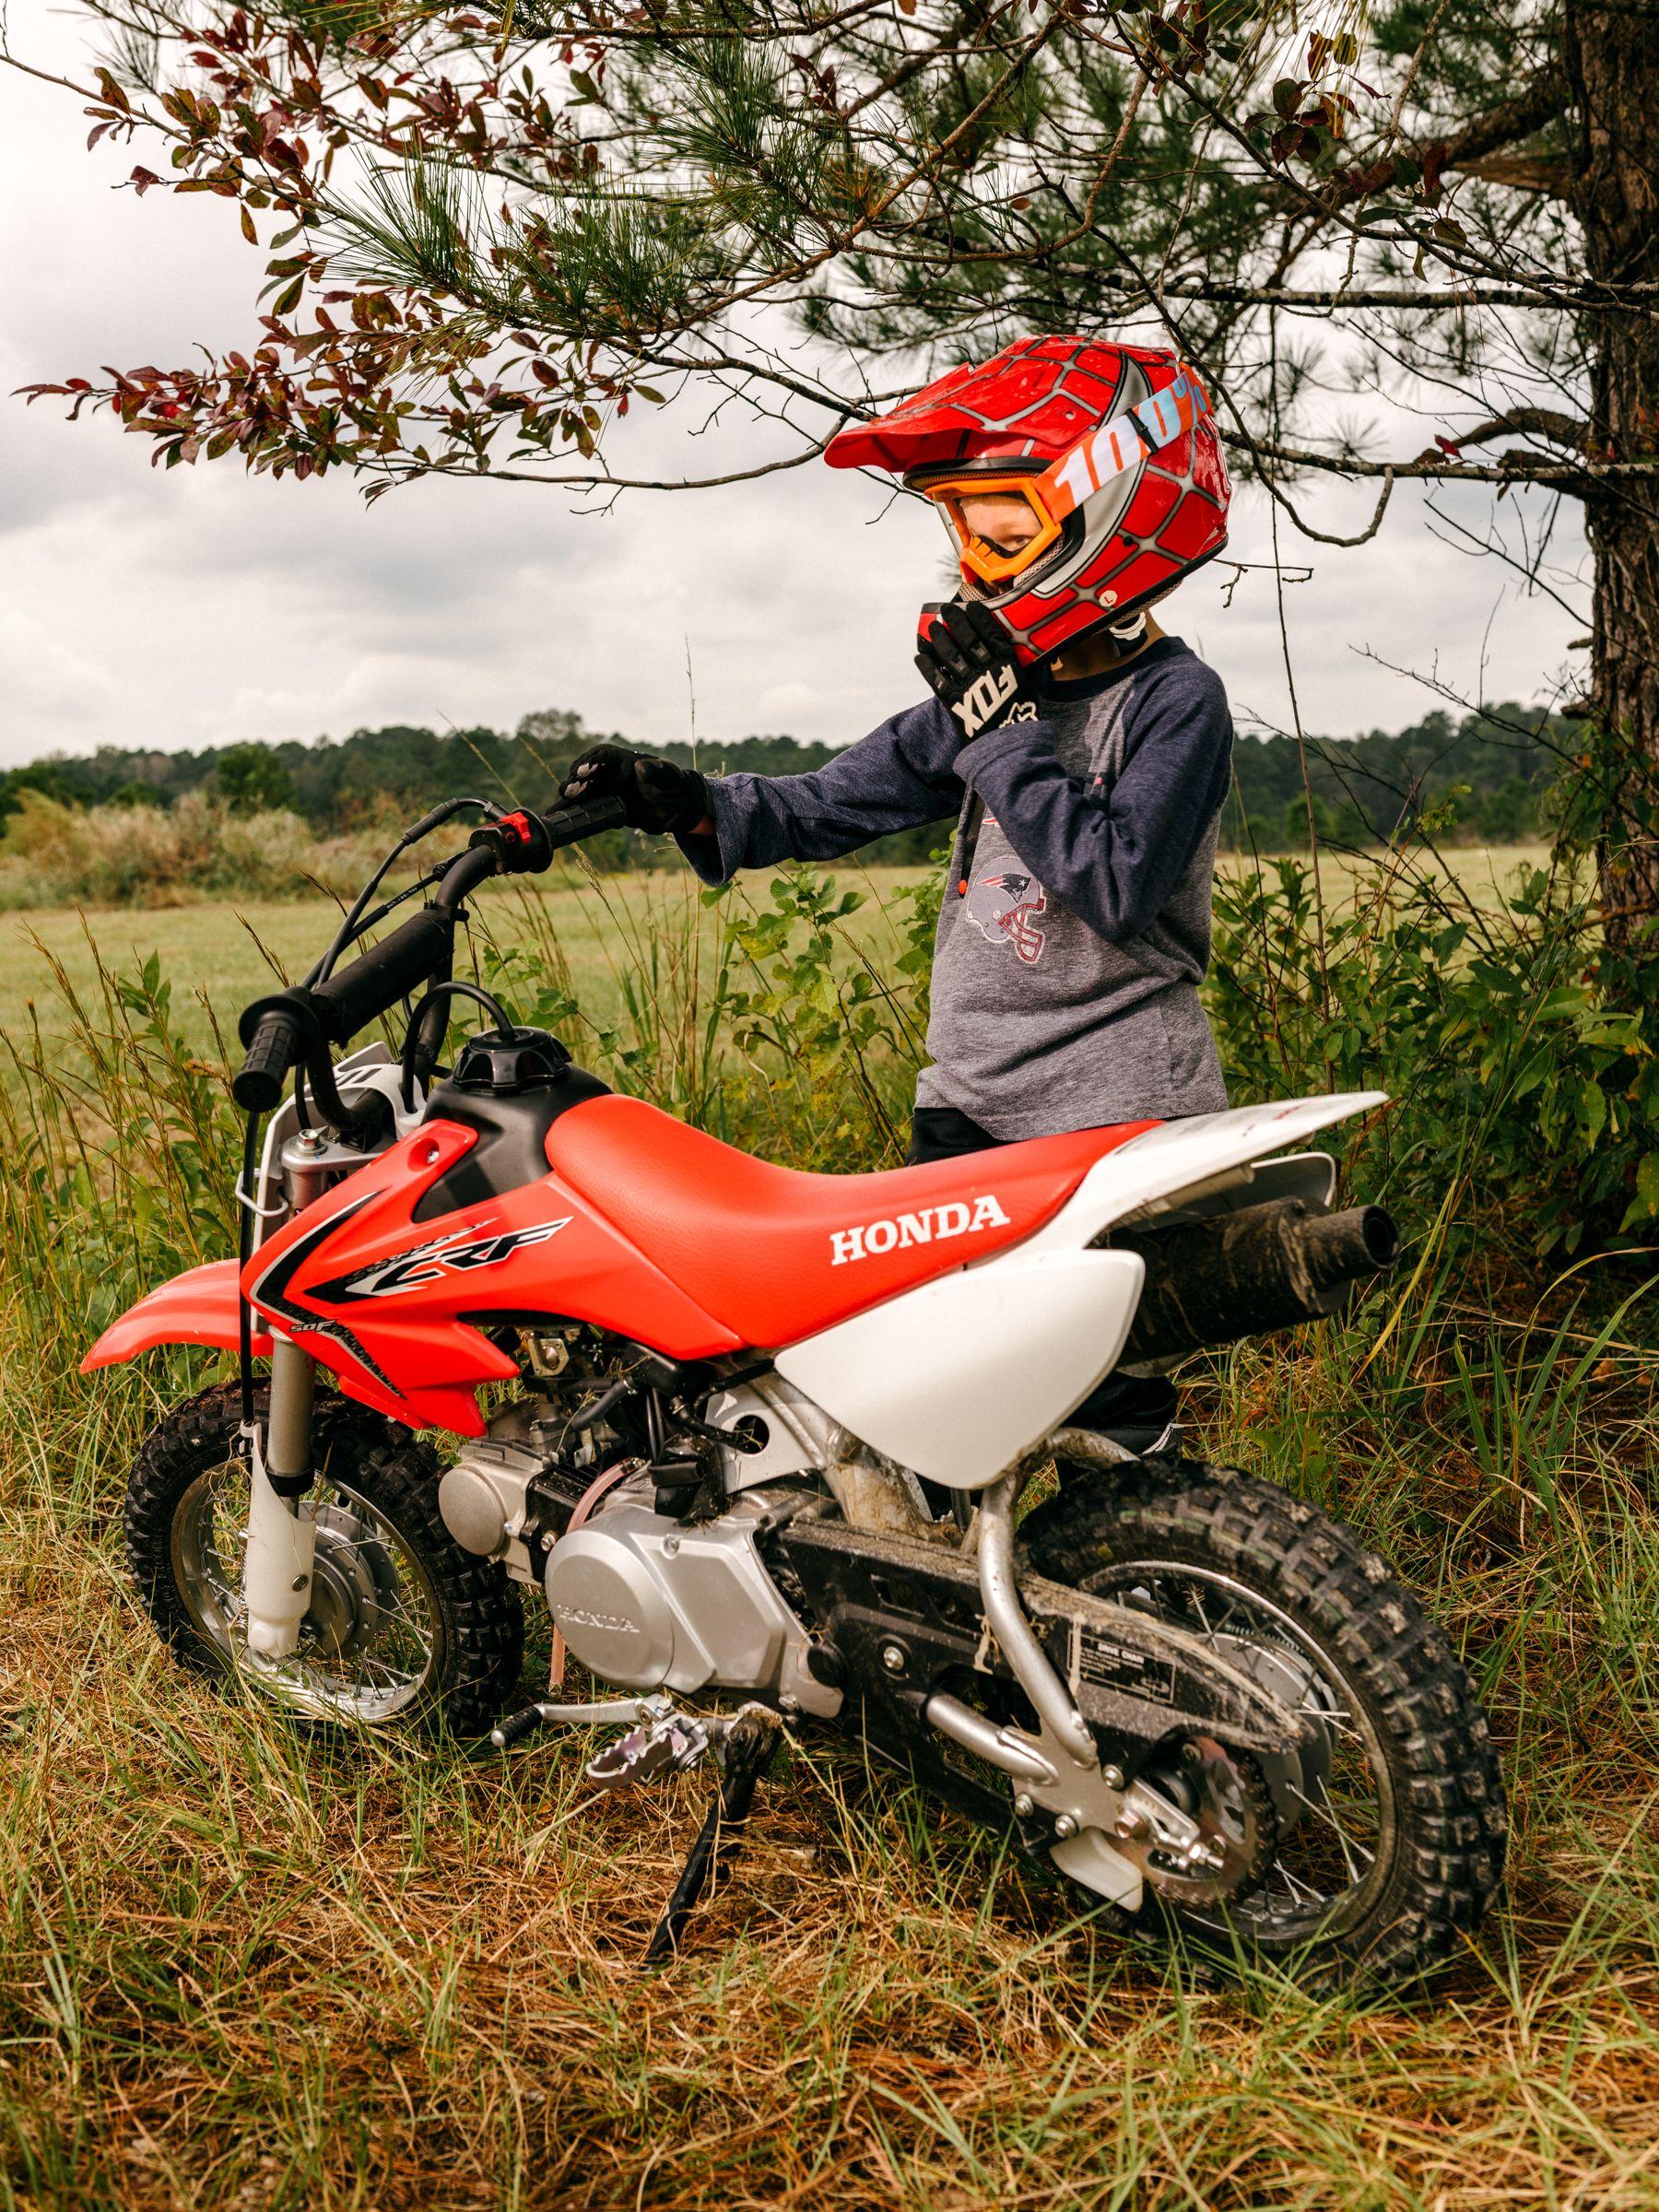 50+ グレア 25cc Dirt Bike - カックス